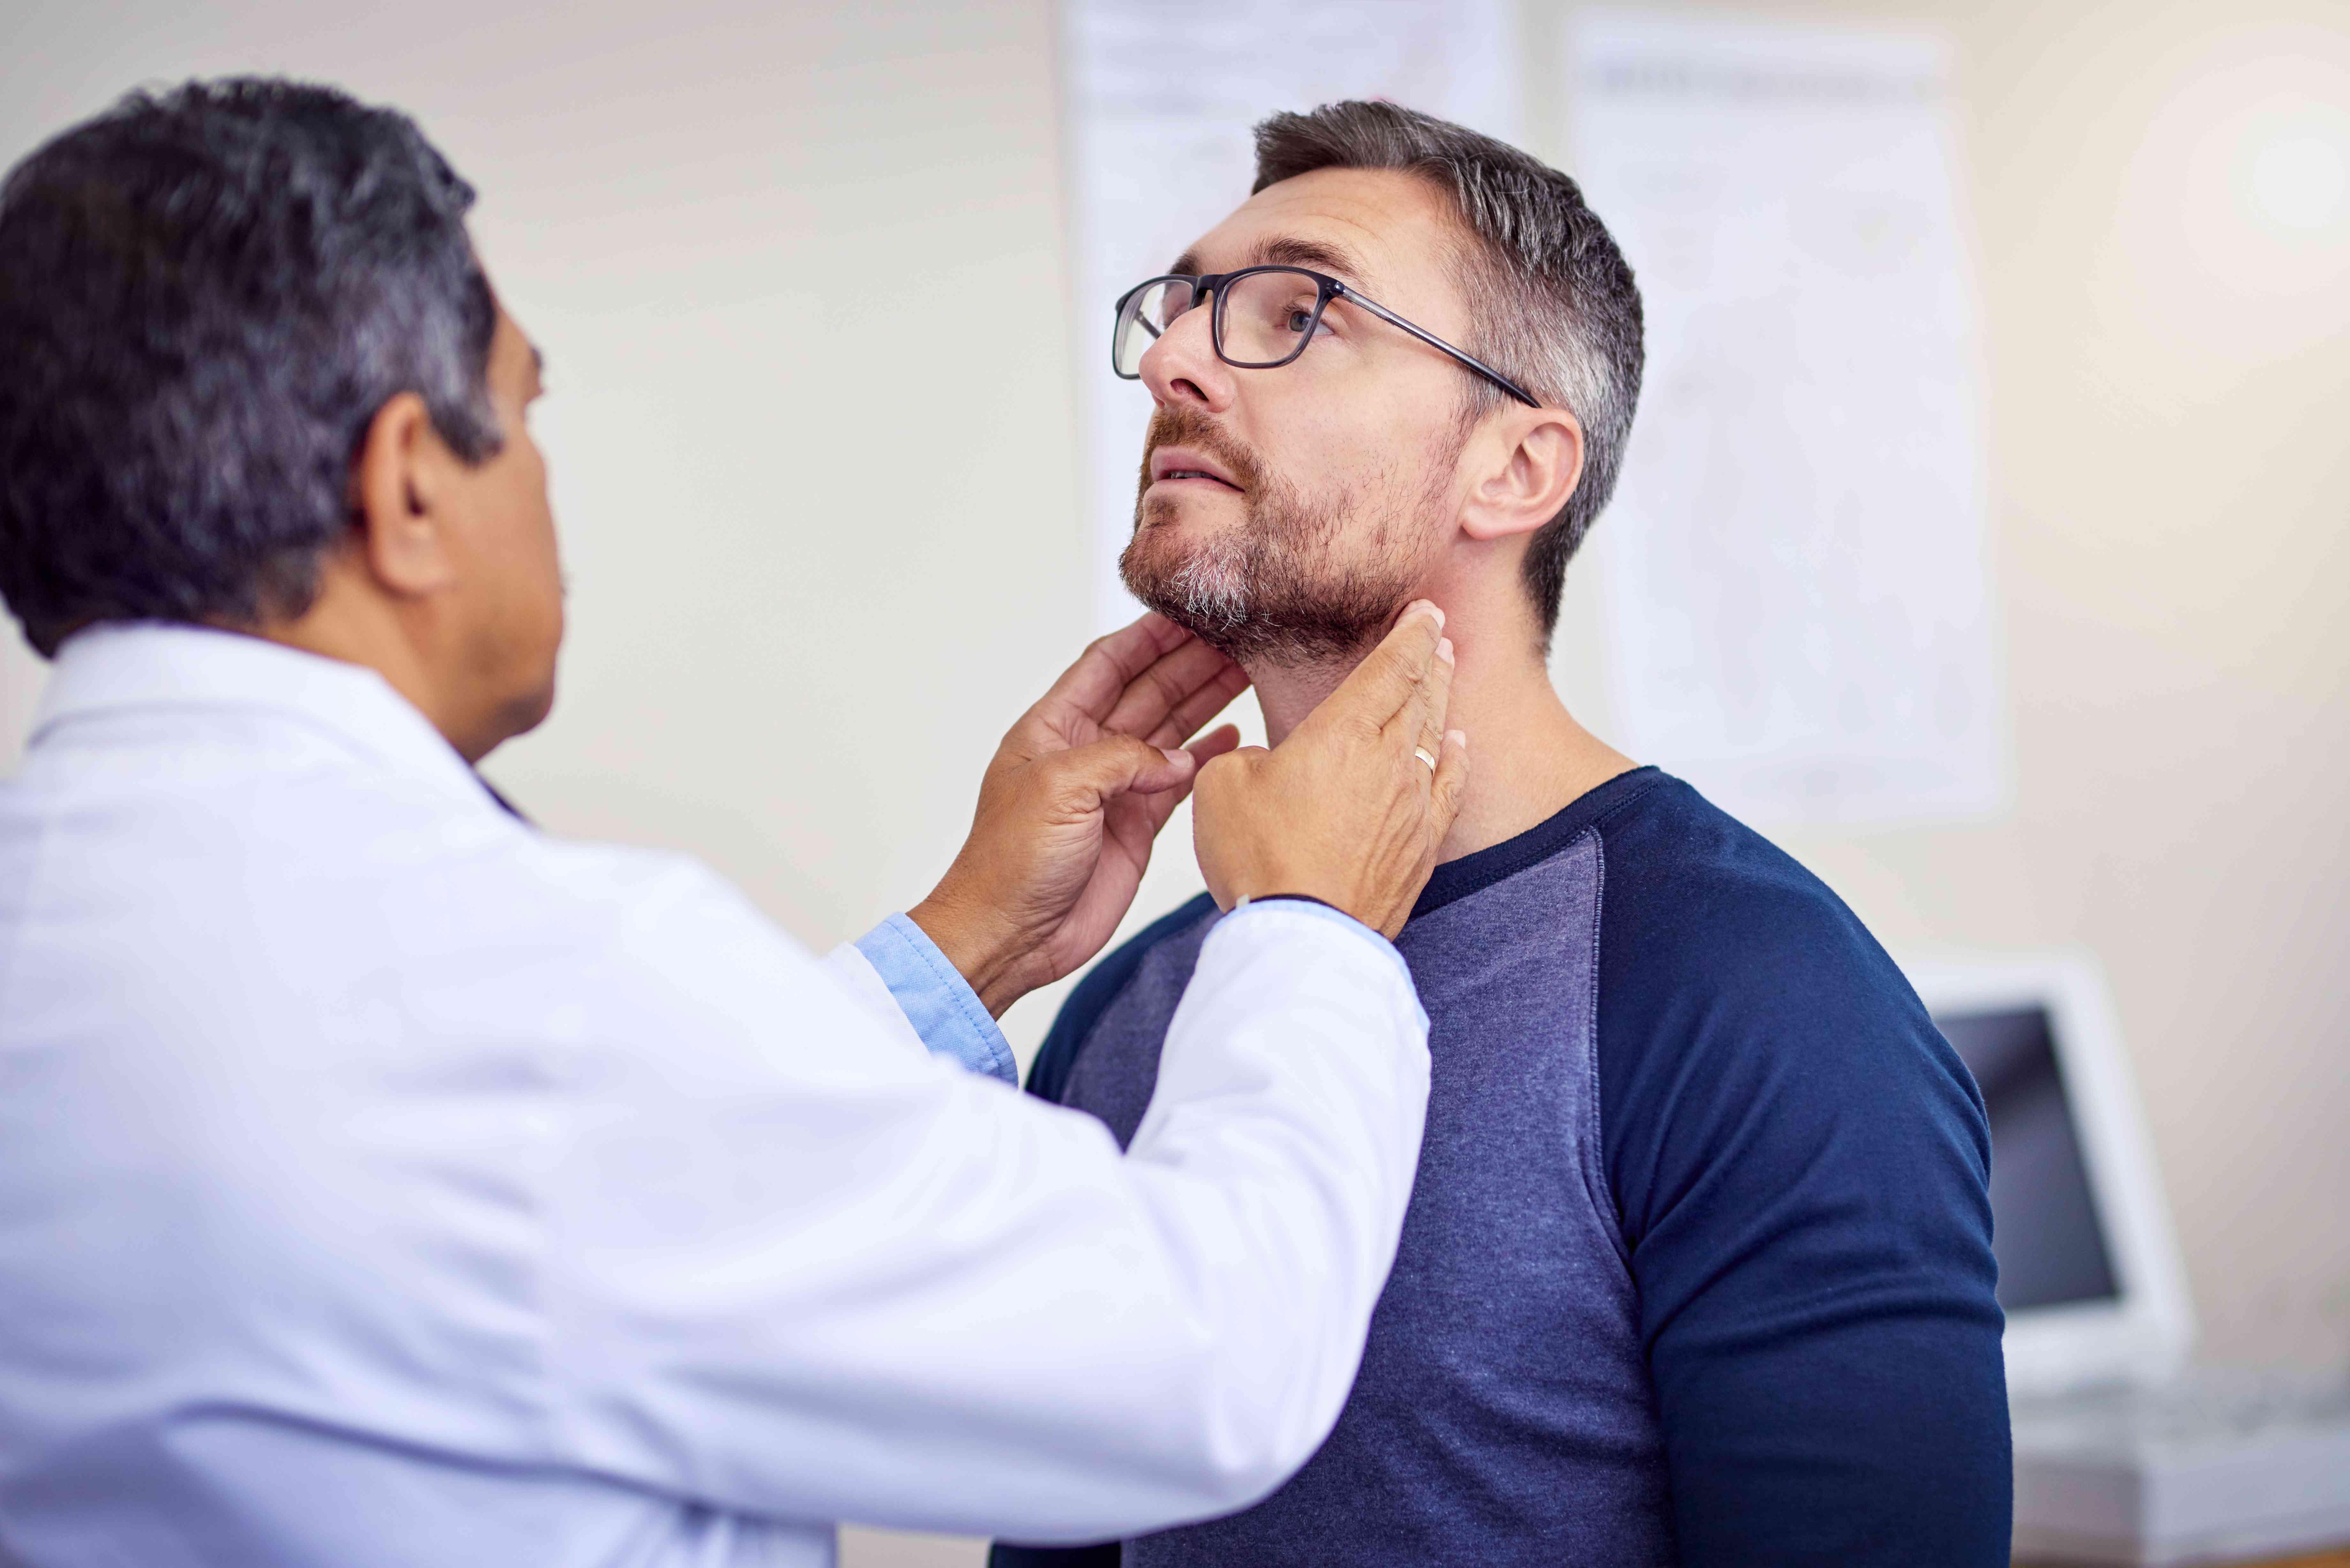 Doctor examining a man's neck